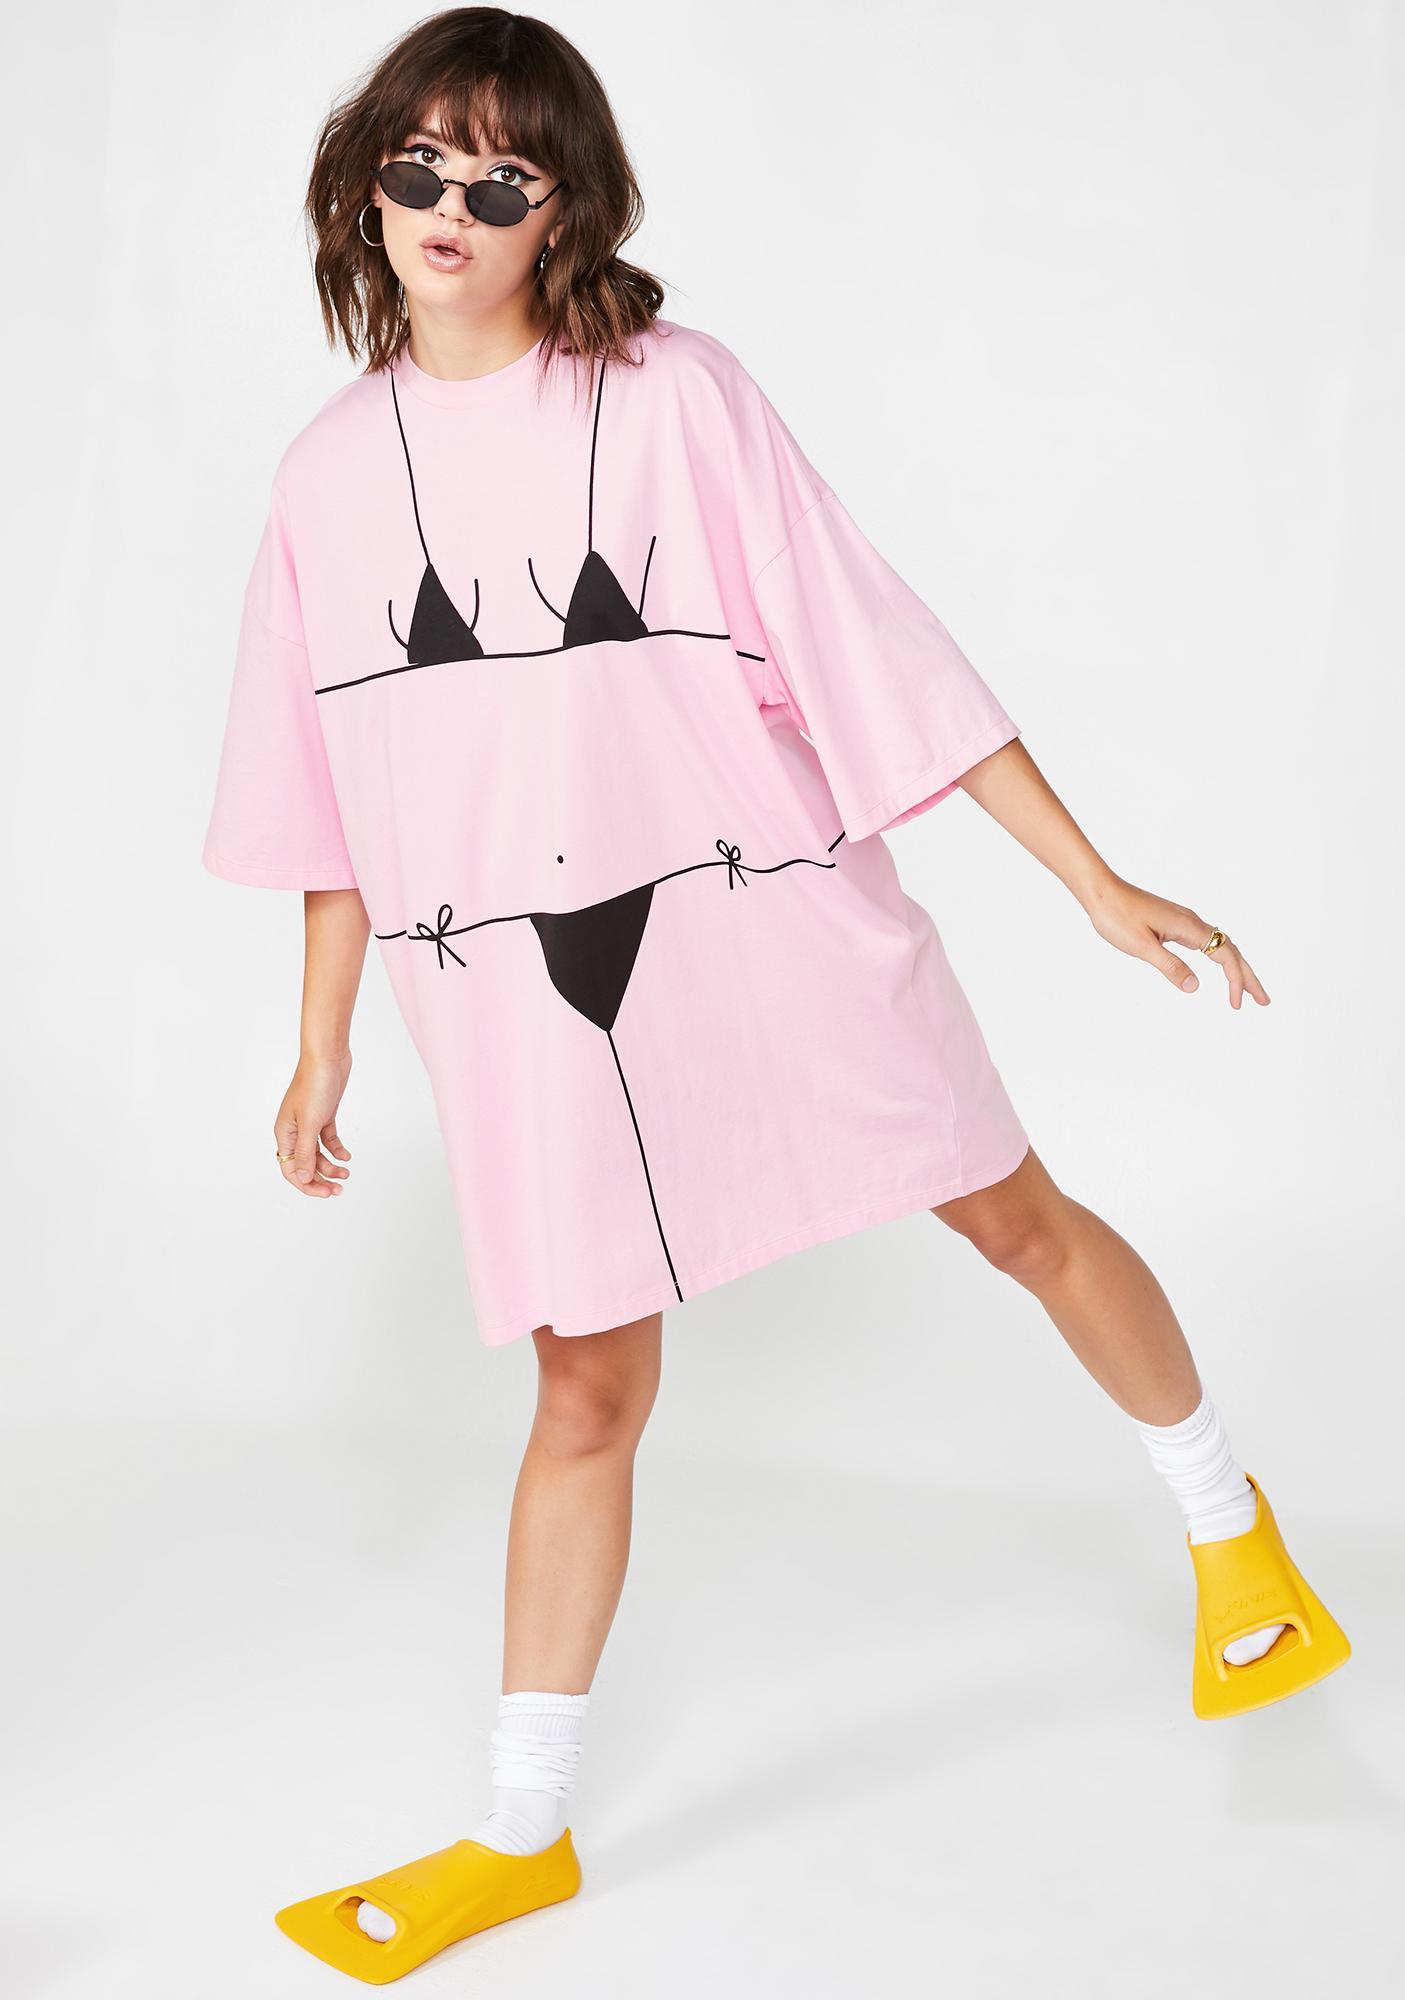 Lazy Oaf Baby Beach Bum T-Shirt Dress